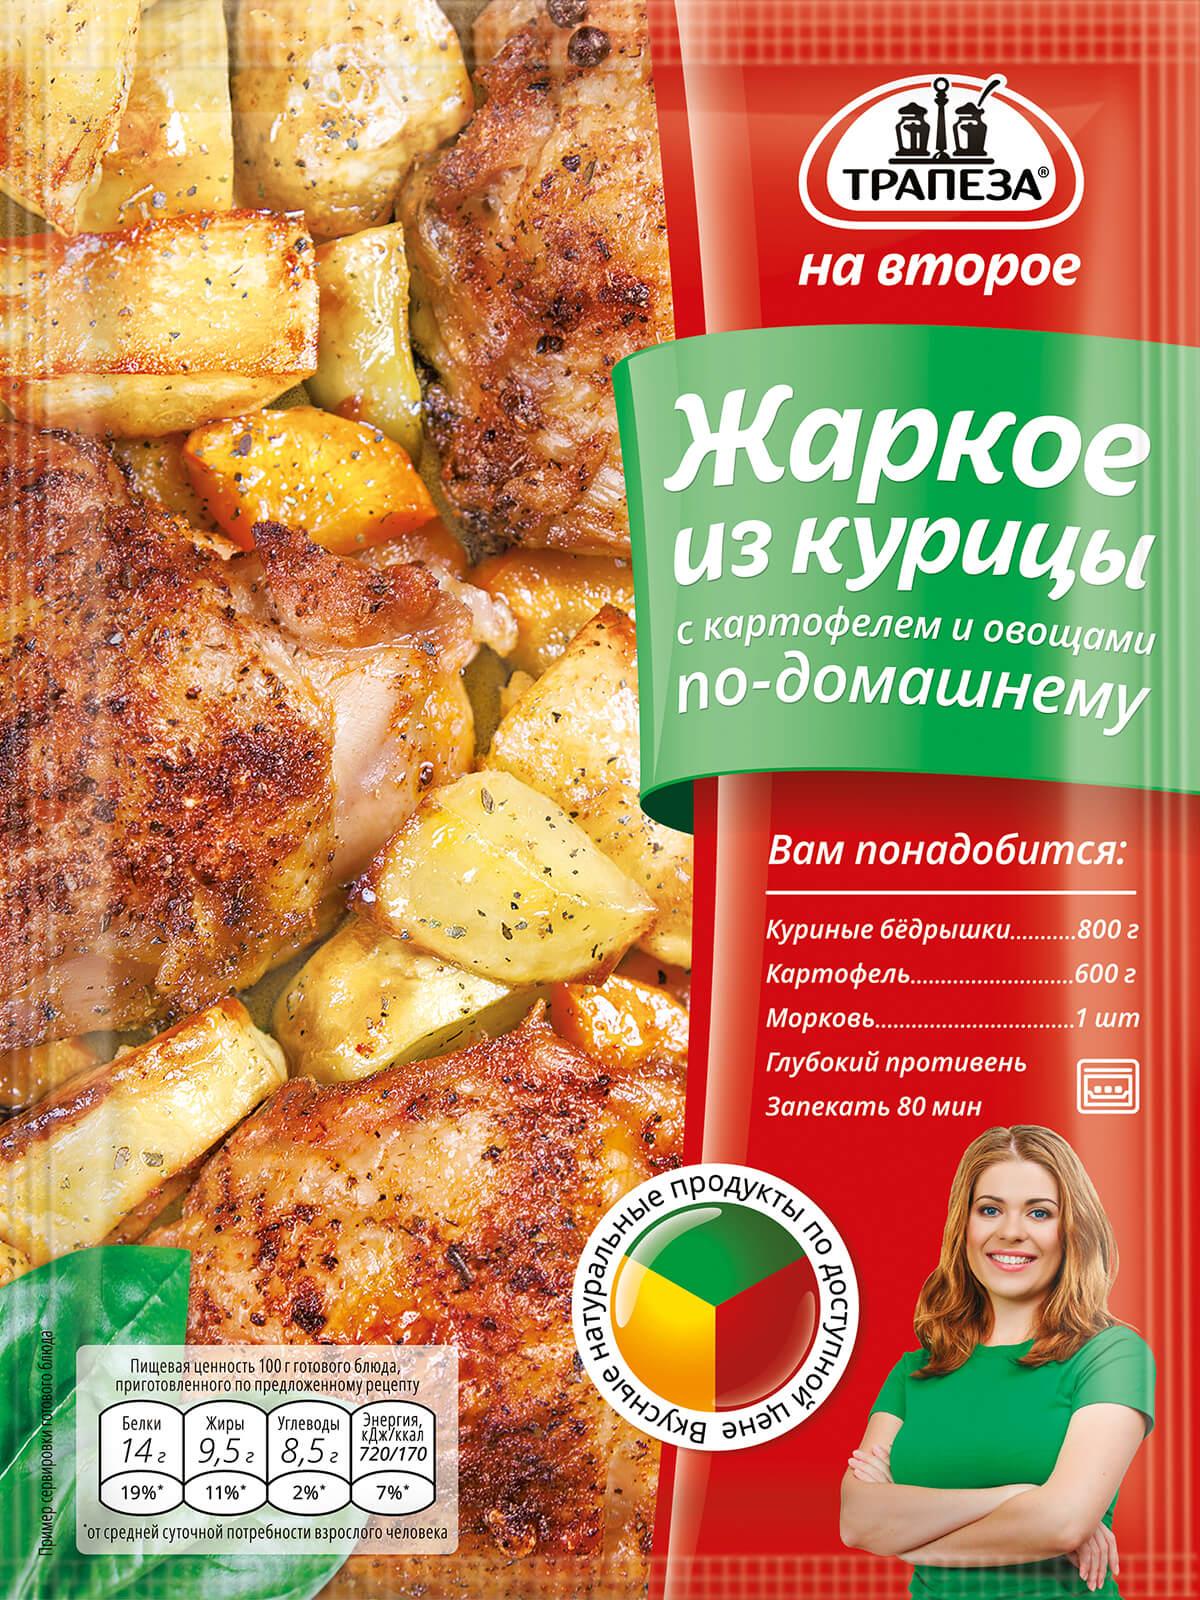 Трапеза на второе смесь для приготовления жаркого из курицы с картофелем и овощами по-домашнему